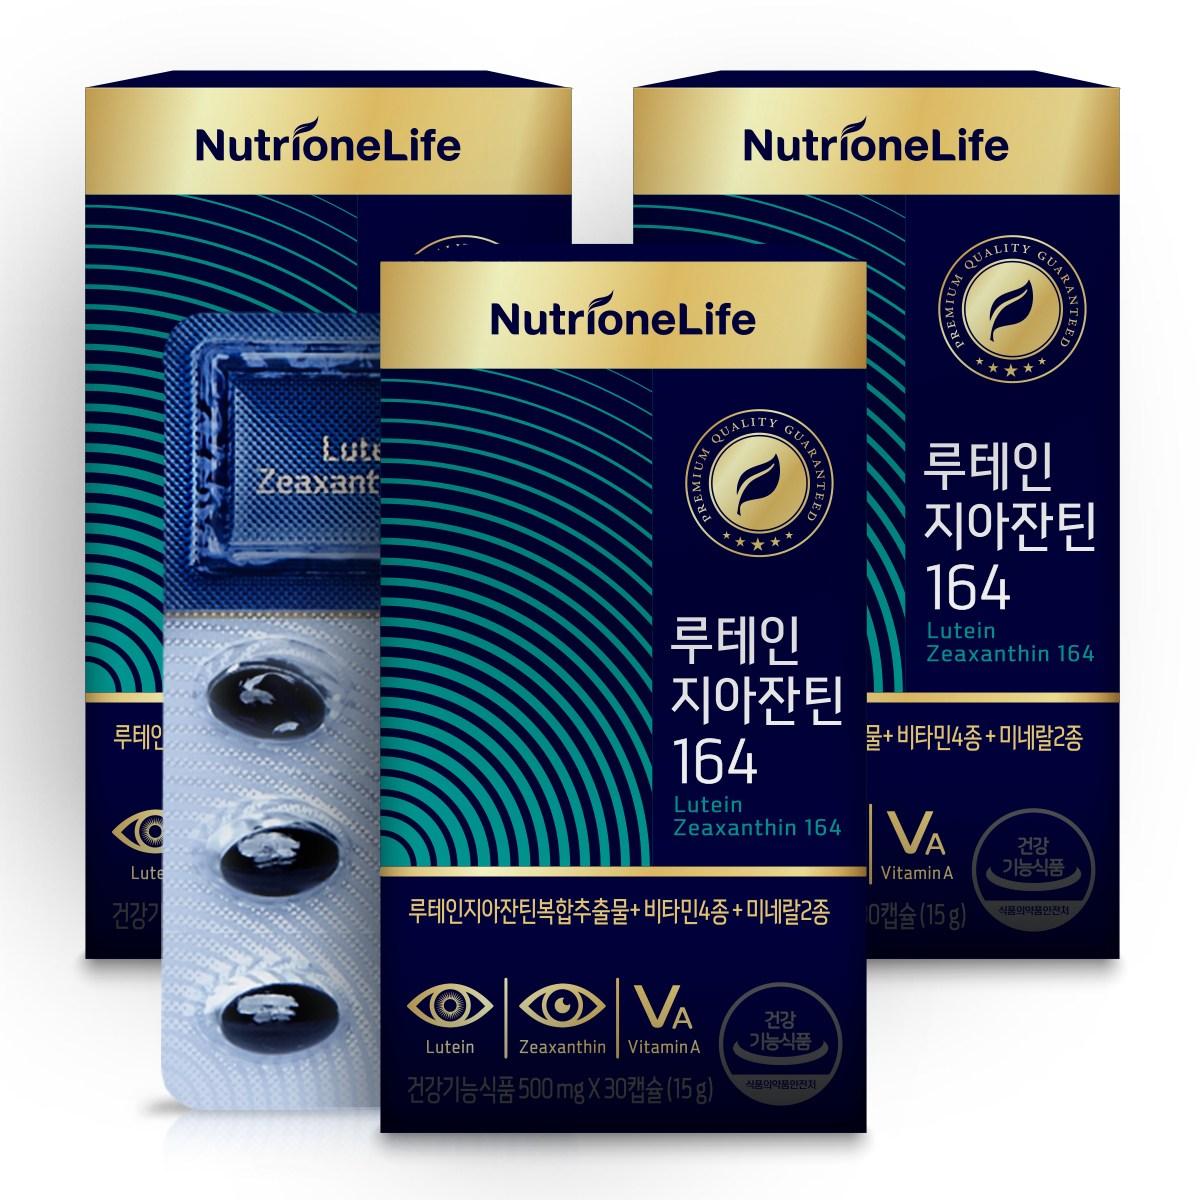 뉴트리원 수능 선물 루테인+지아잔틴+비타민A 7중 기능성 눈 영양제 루테인지아잔틴164 수험생 + 활력환, 500mg, 3box